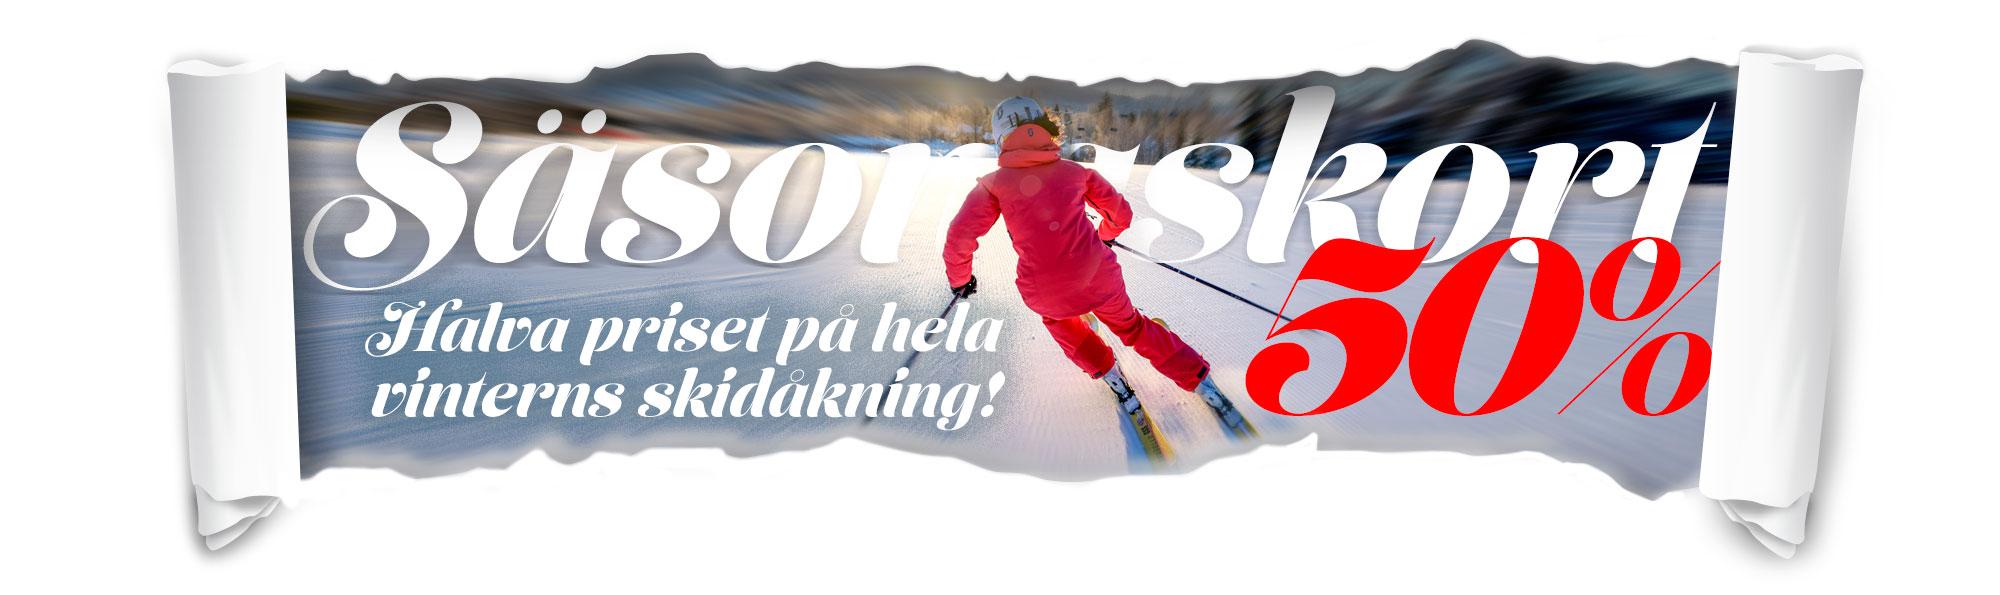 Järvsöbacken Säsongskort Halva priset